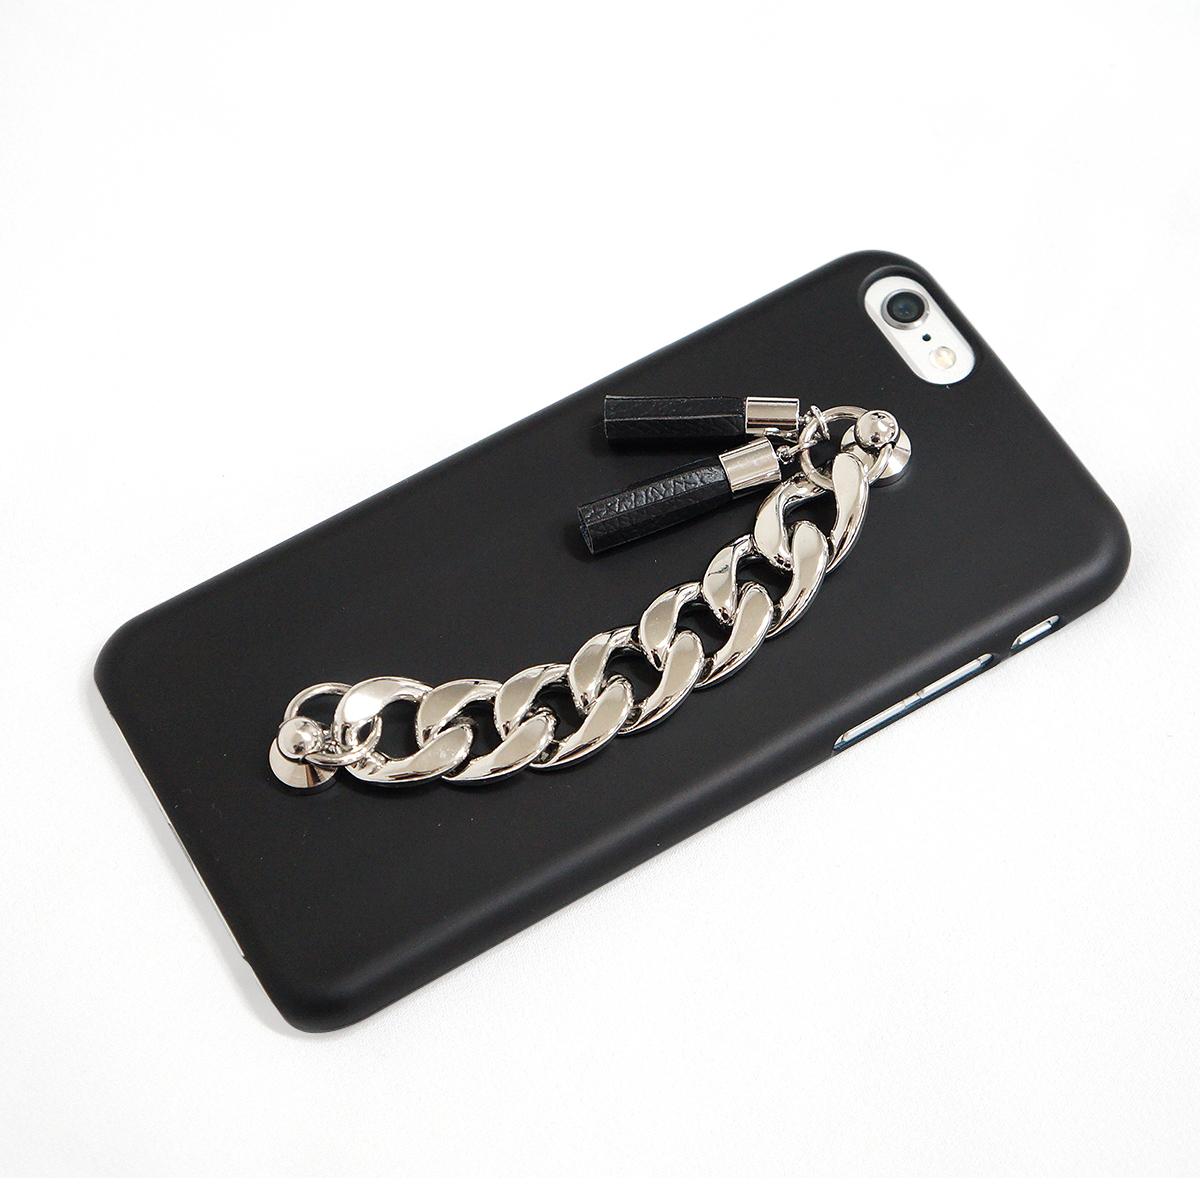 iPhone6s/6 ケース チェーン&タッセル カバーmidnight moment x abbi (ミッドナイトモーメント アビィ)アイフォン